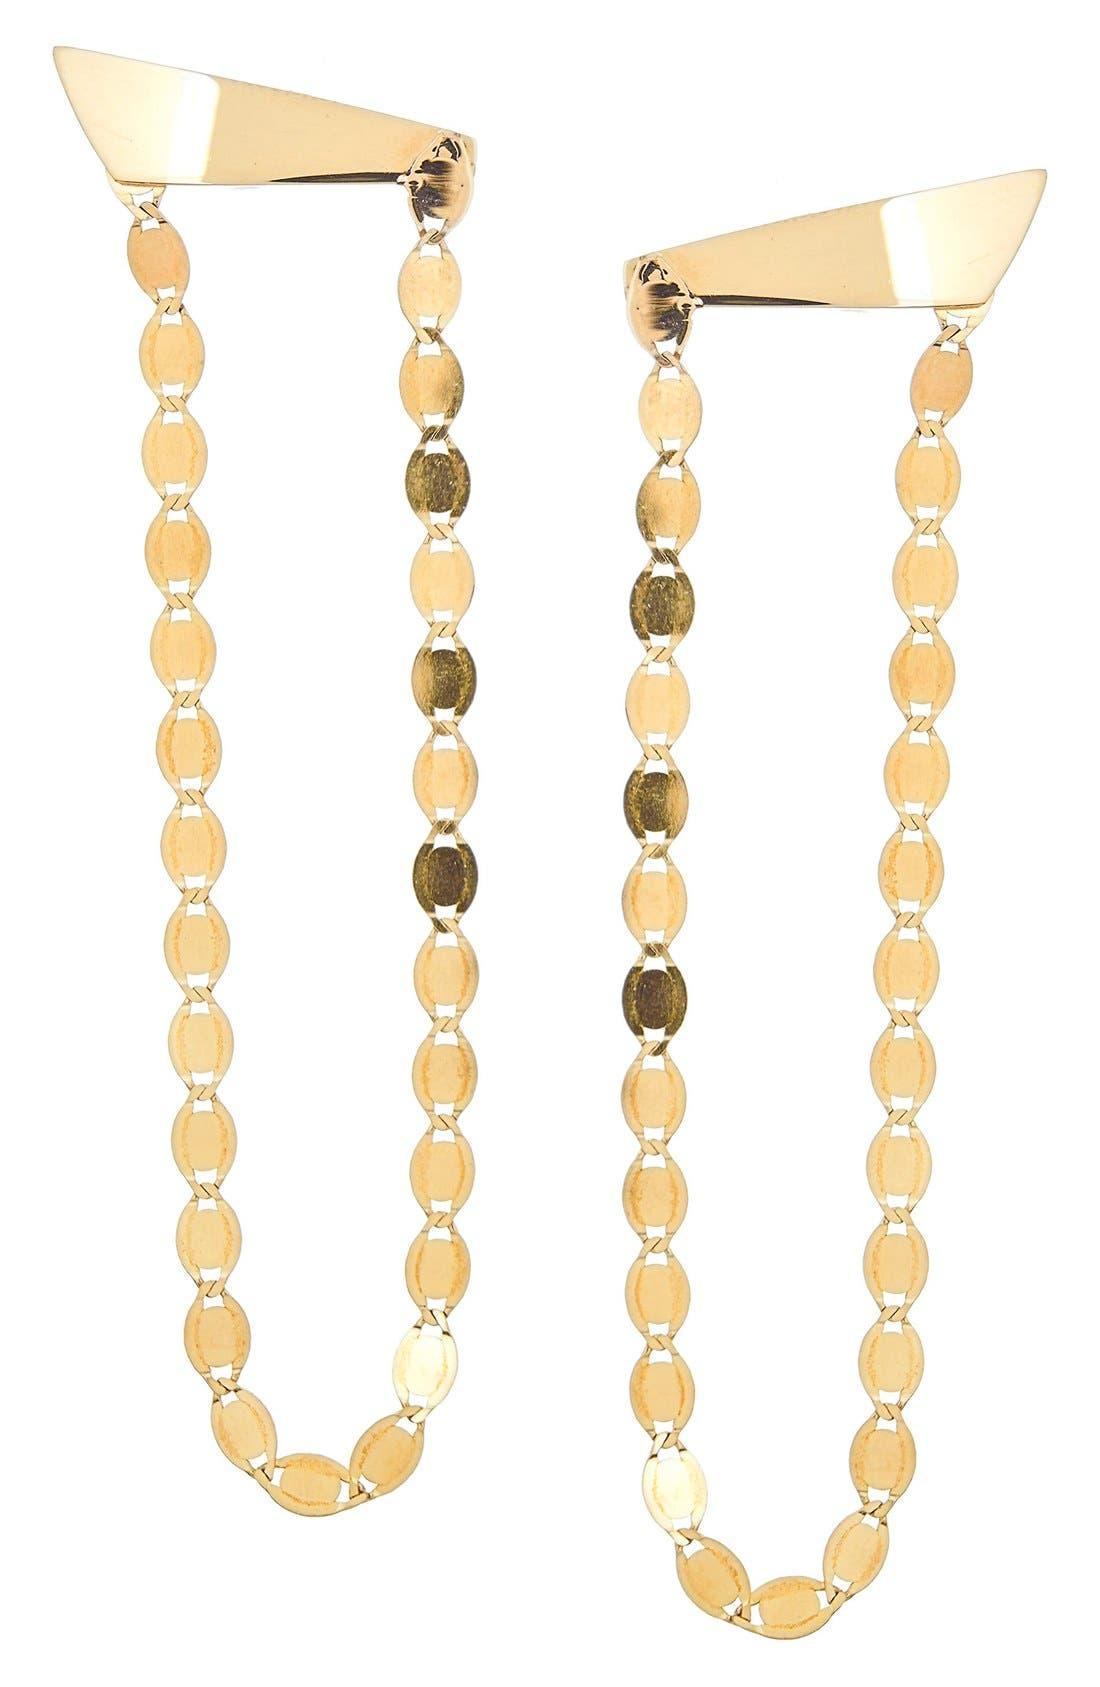 Lana Jewelry 'Long Nude' Chandelier Earrings